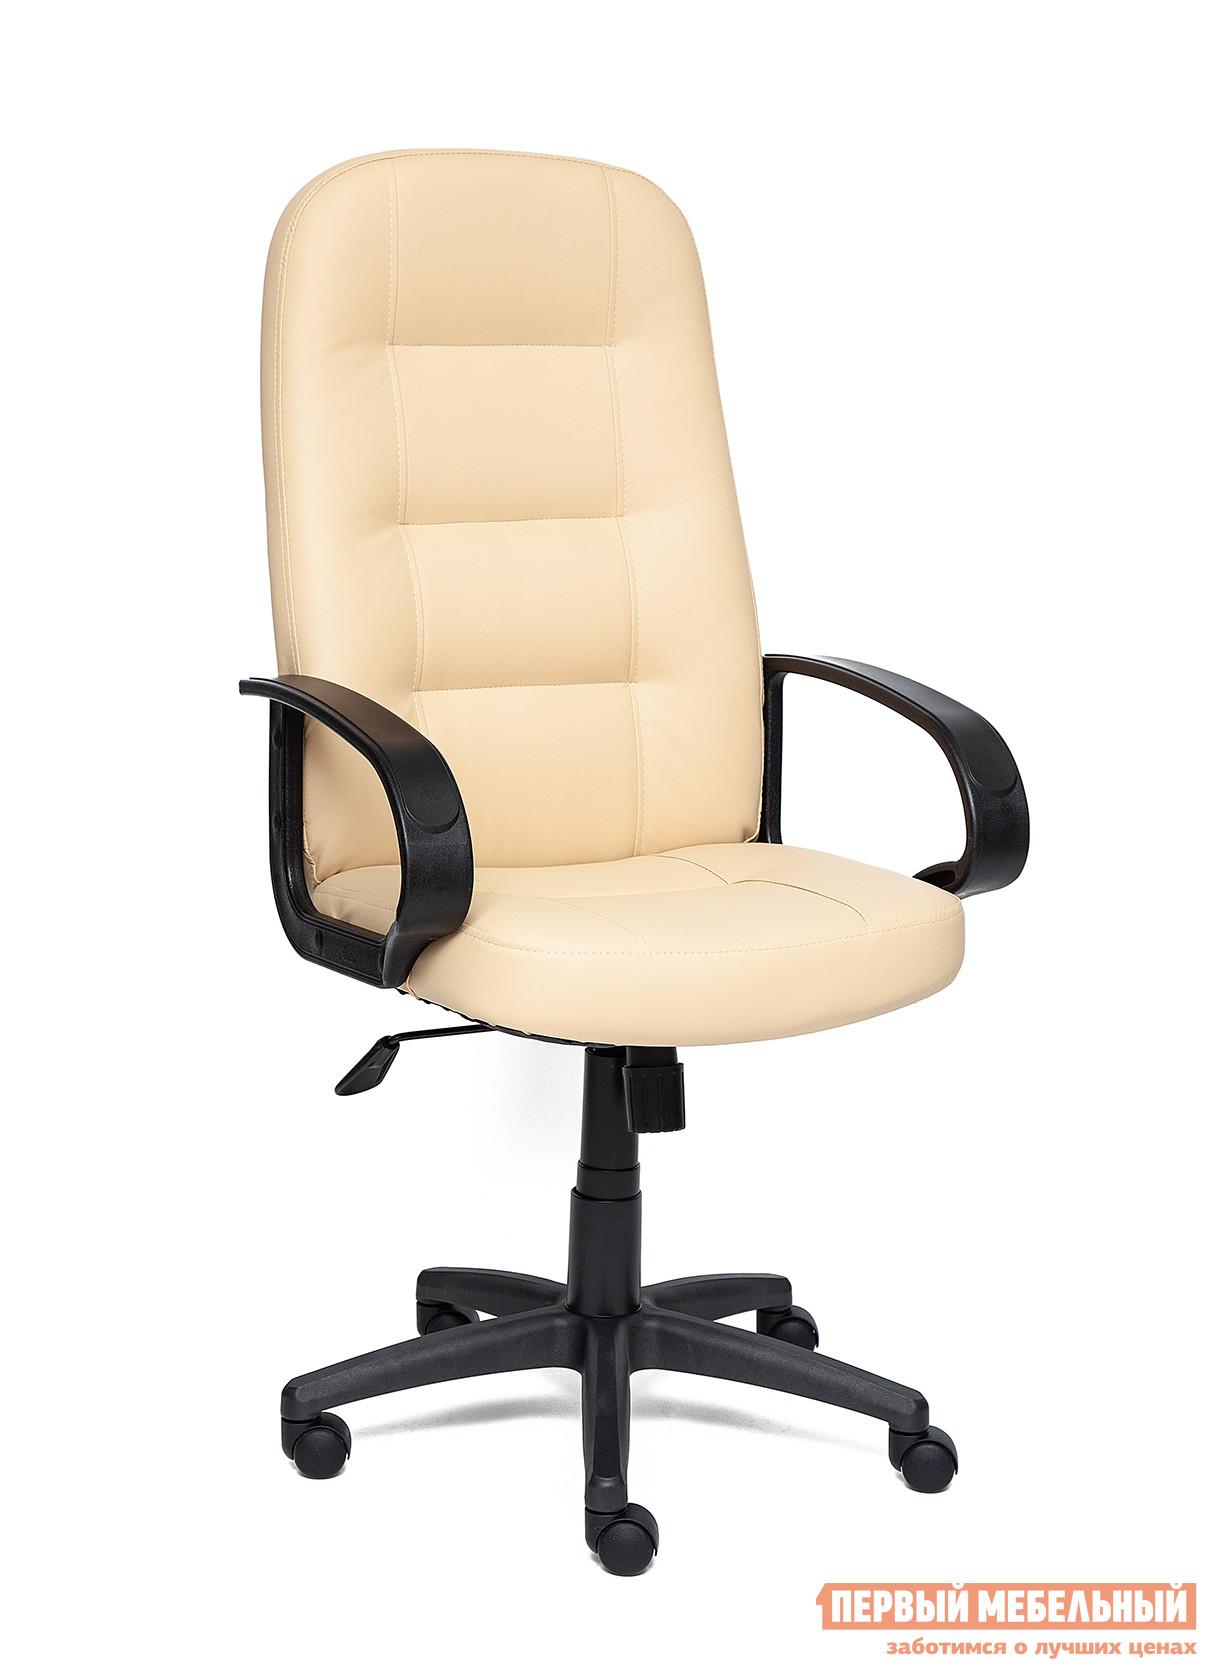 Кресло руководителя  Devon Иск. кожа бежевая PU C36-34